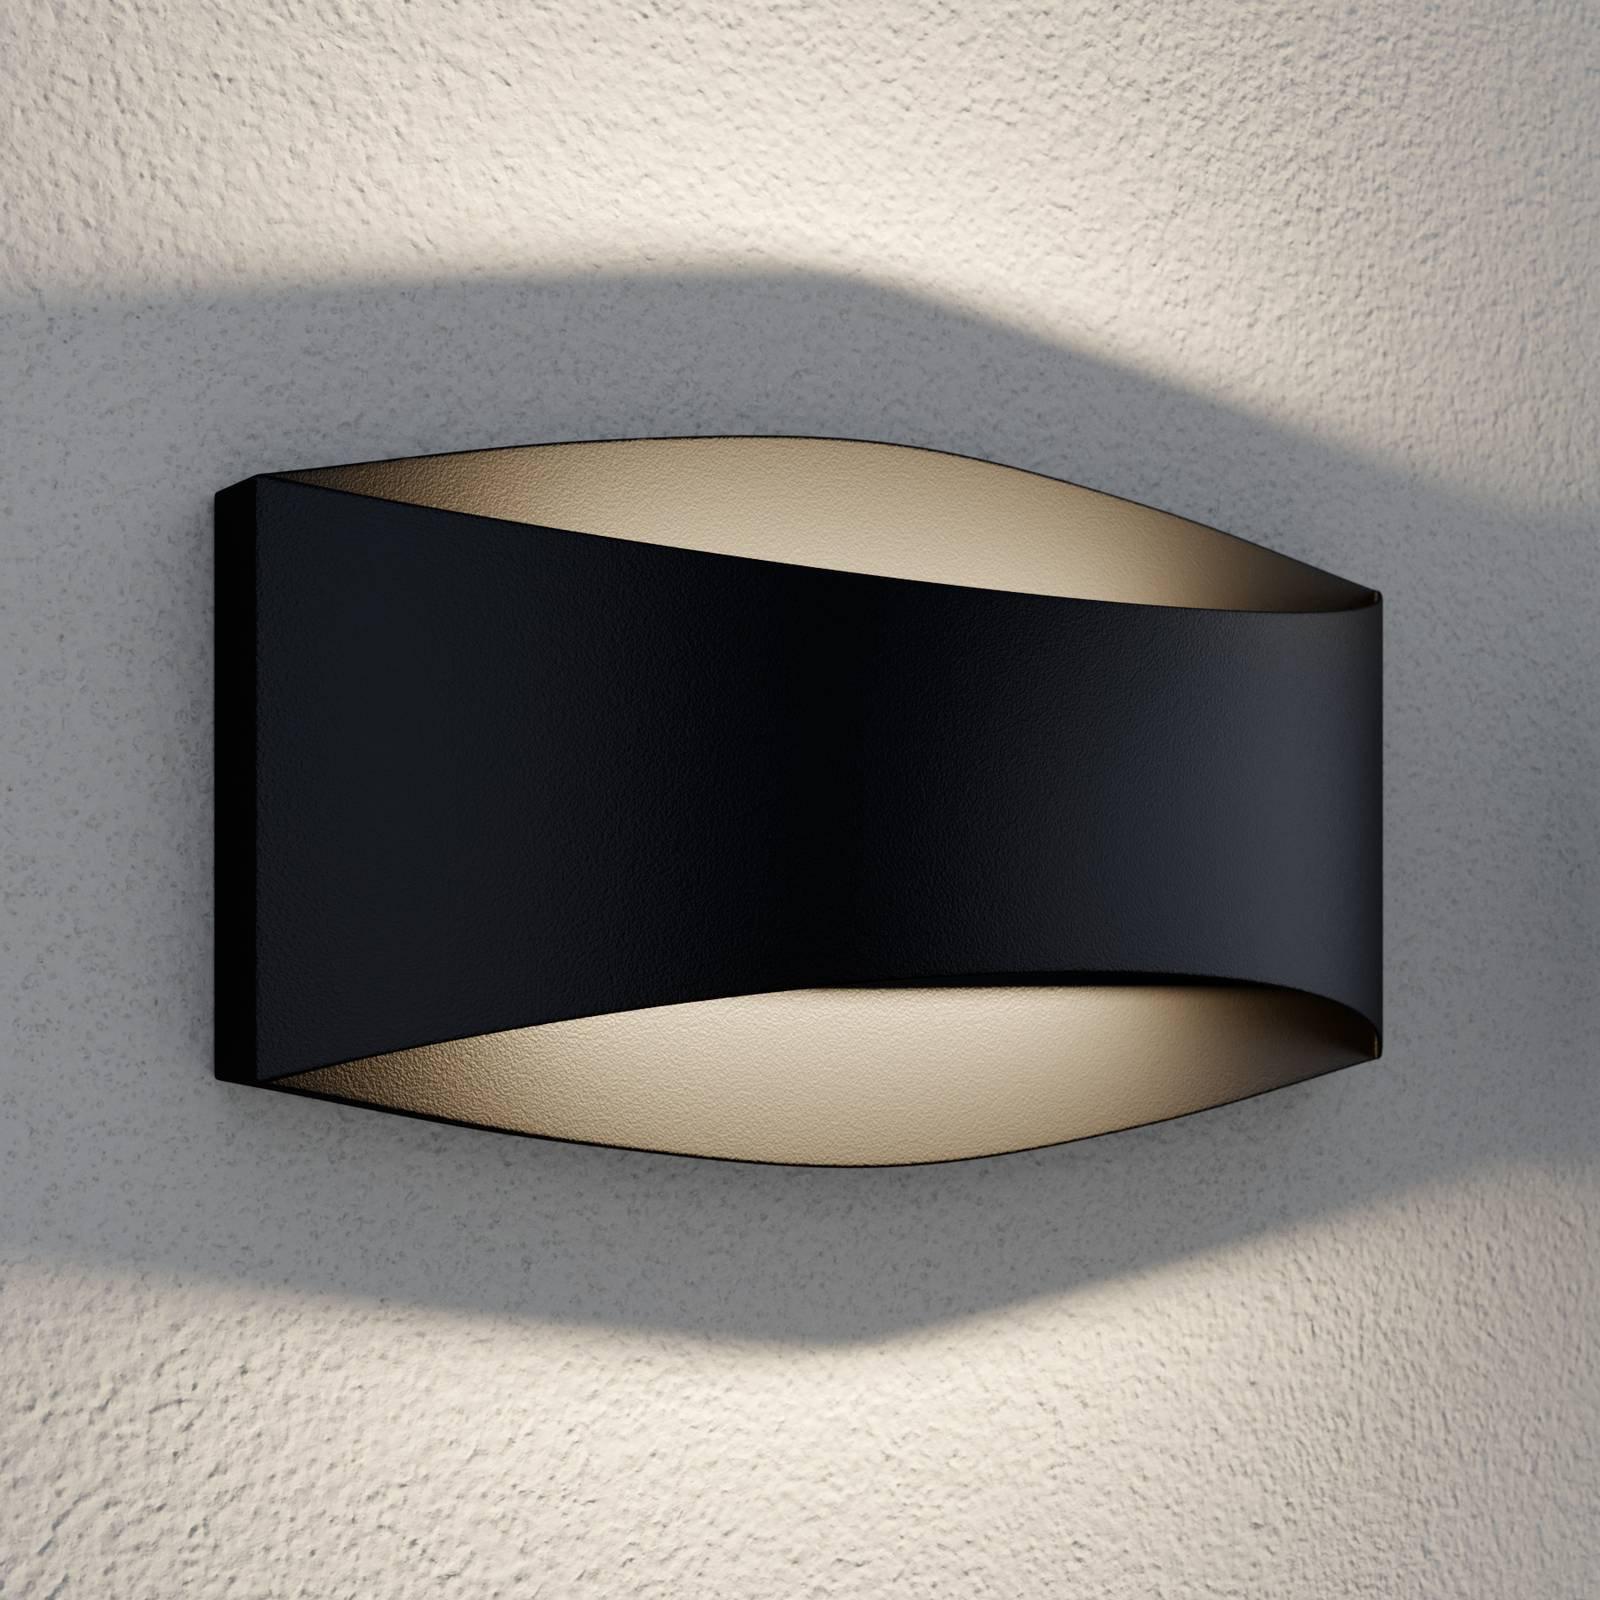 Lindby Evric utendørs LED-vegglampe, 20,3 cm bred